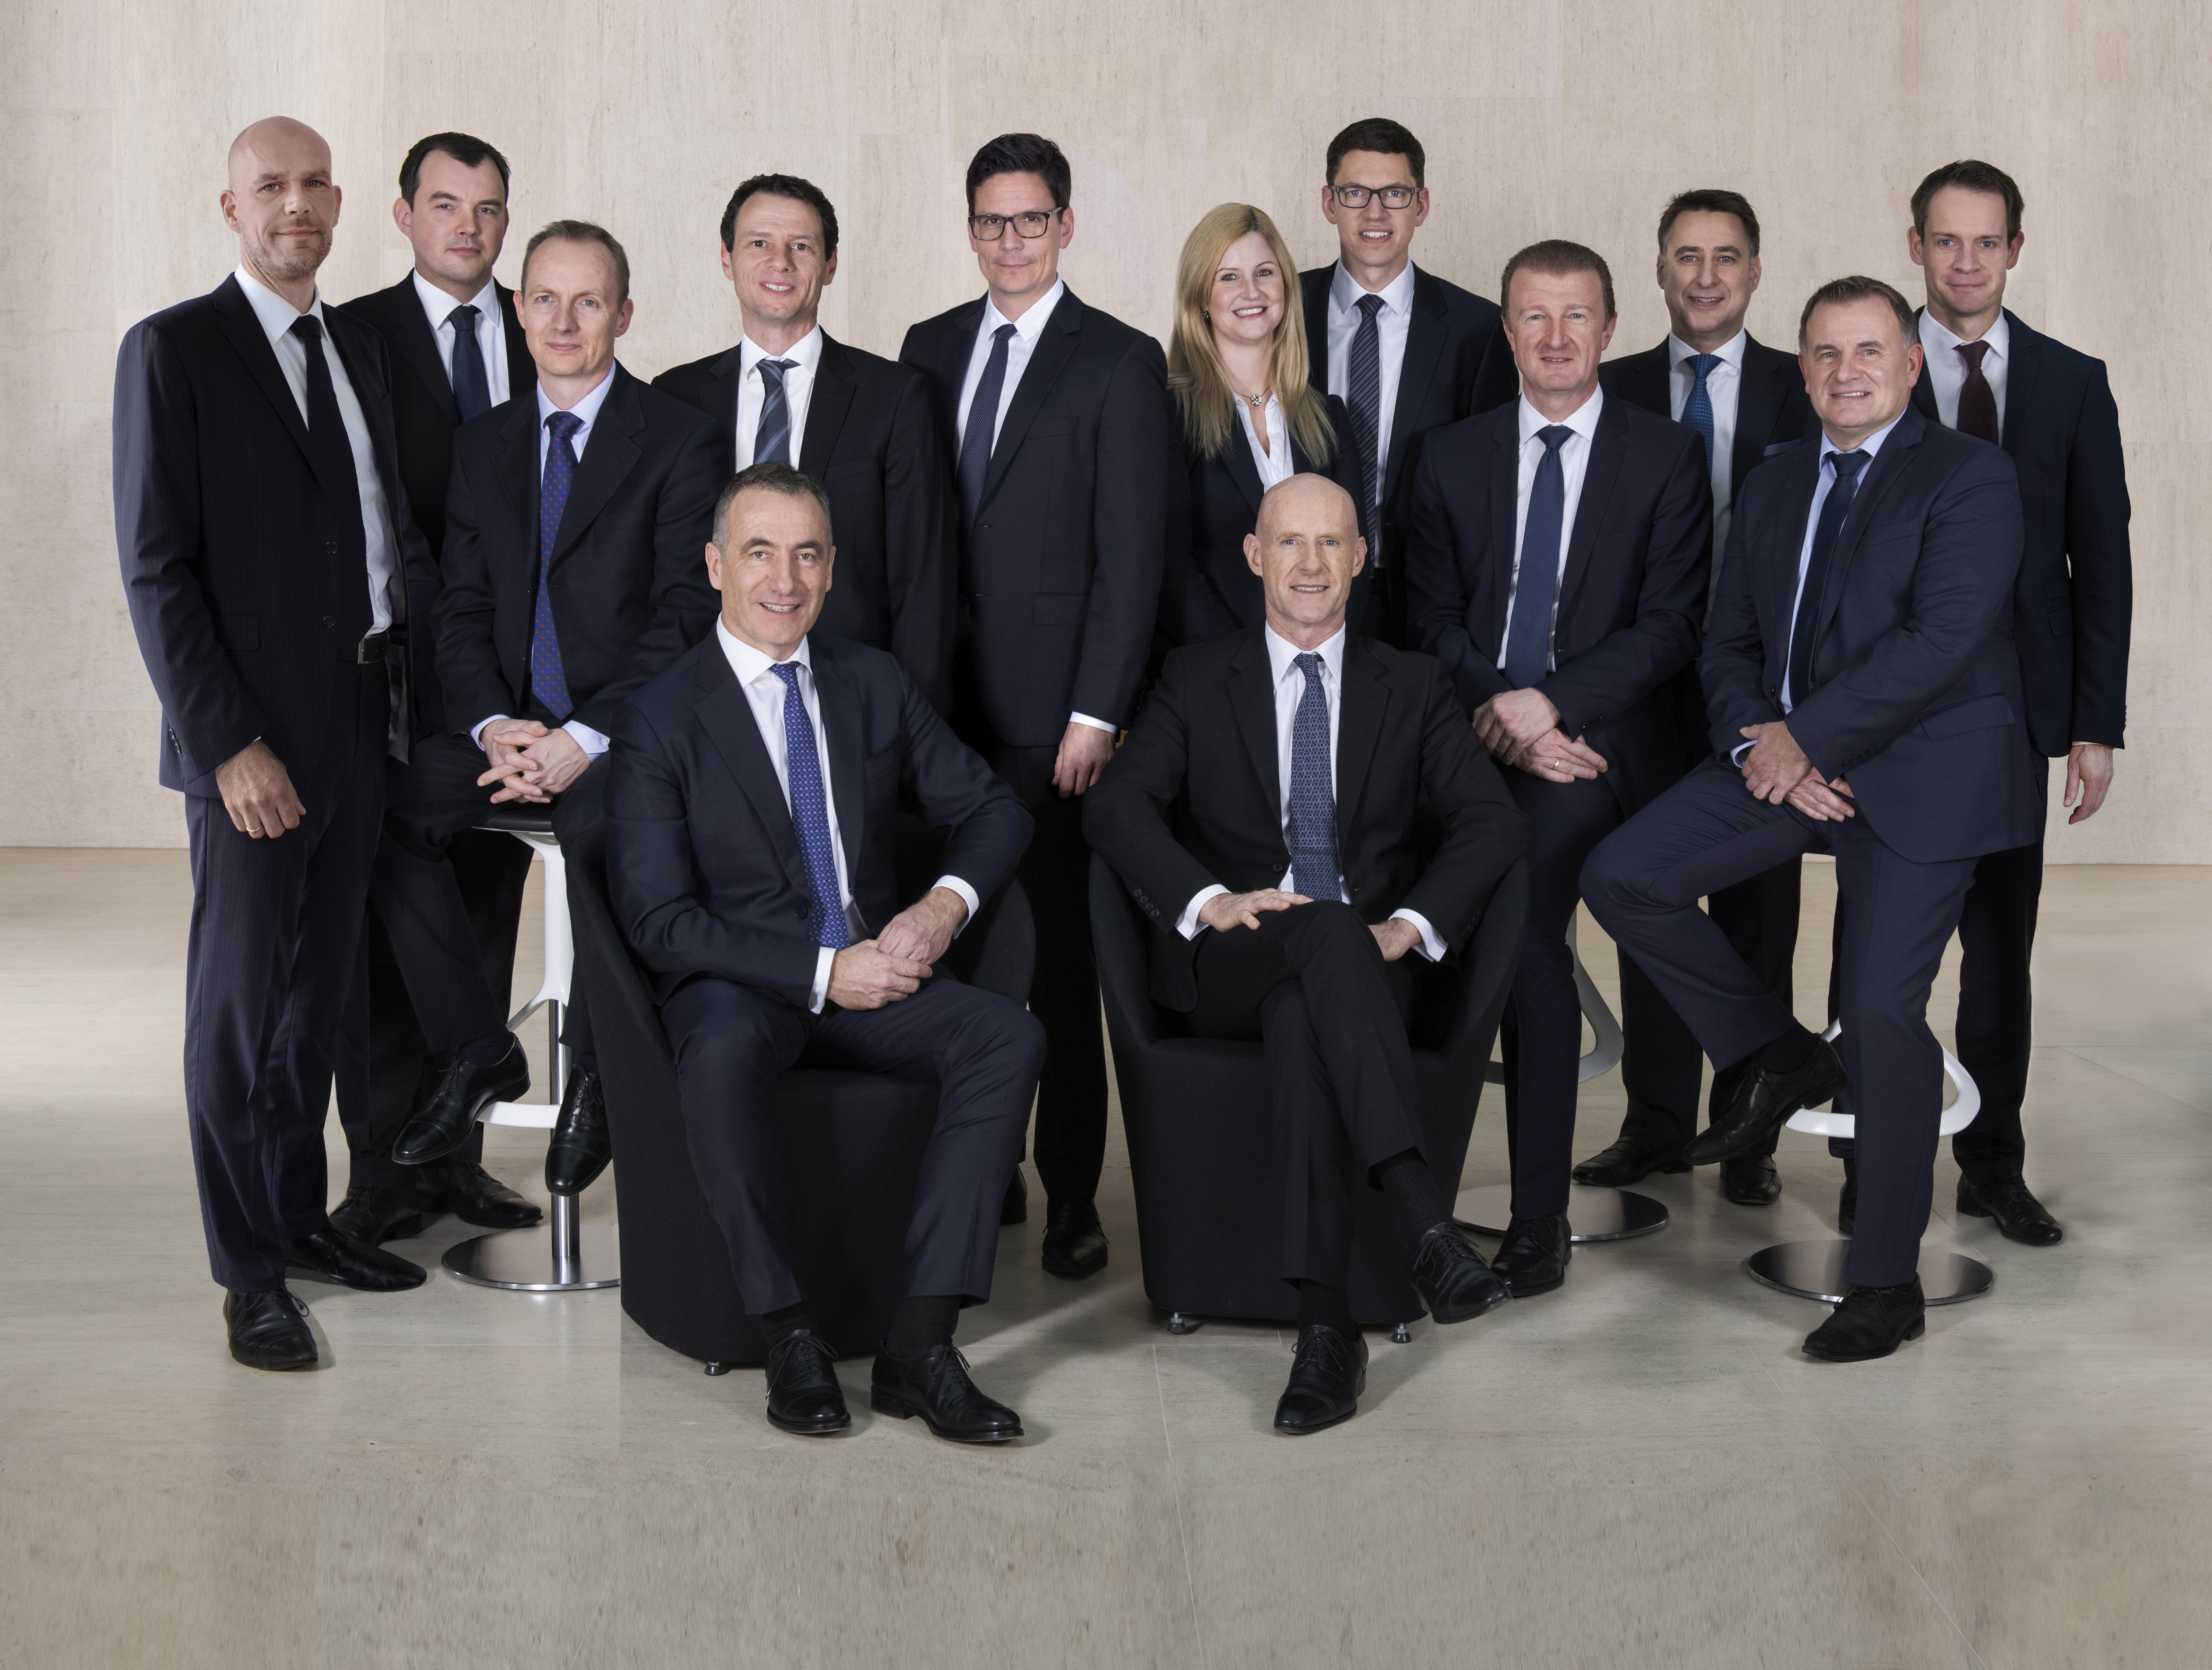 ETHENEA: Portfolio Management Team